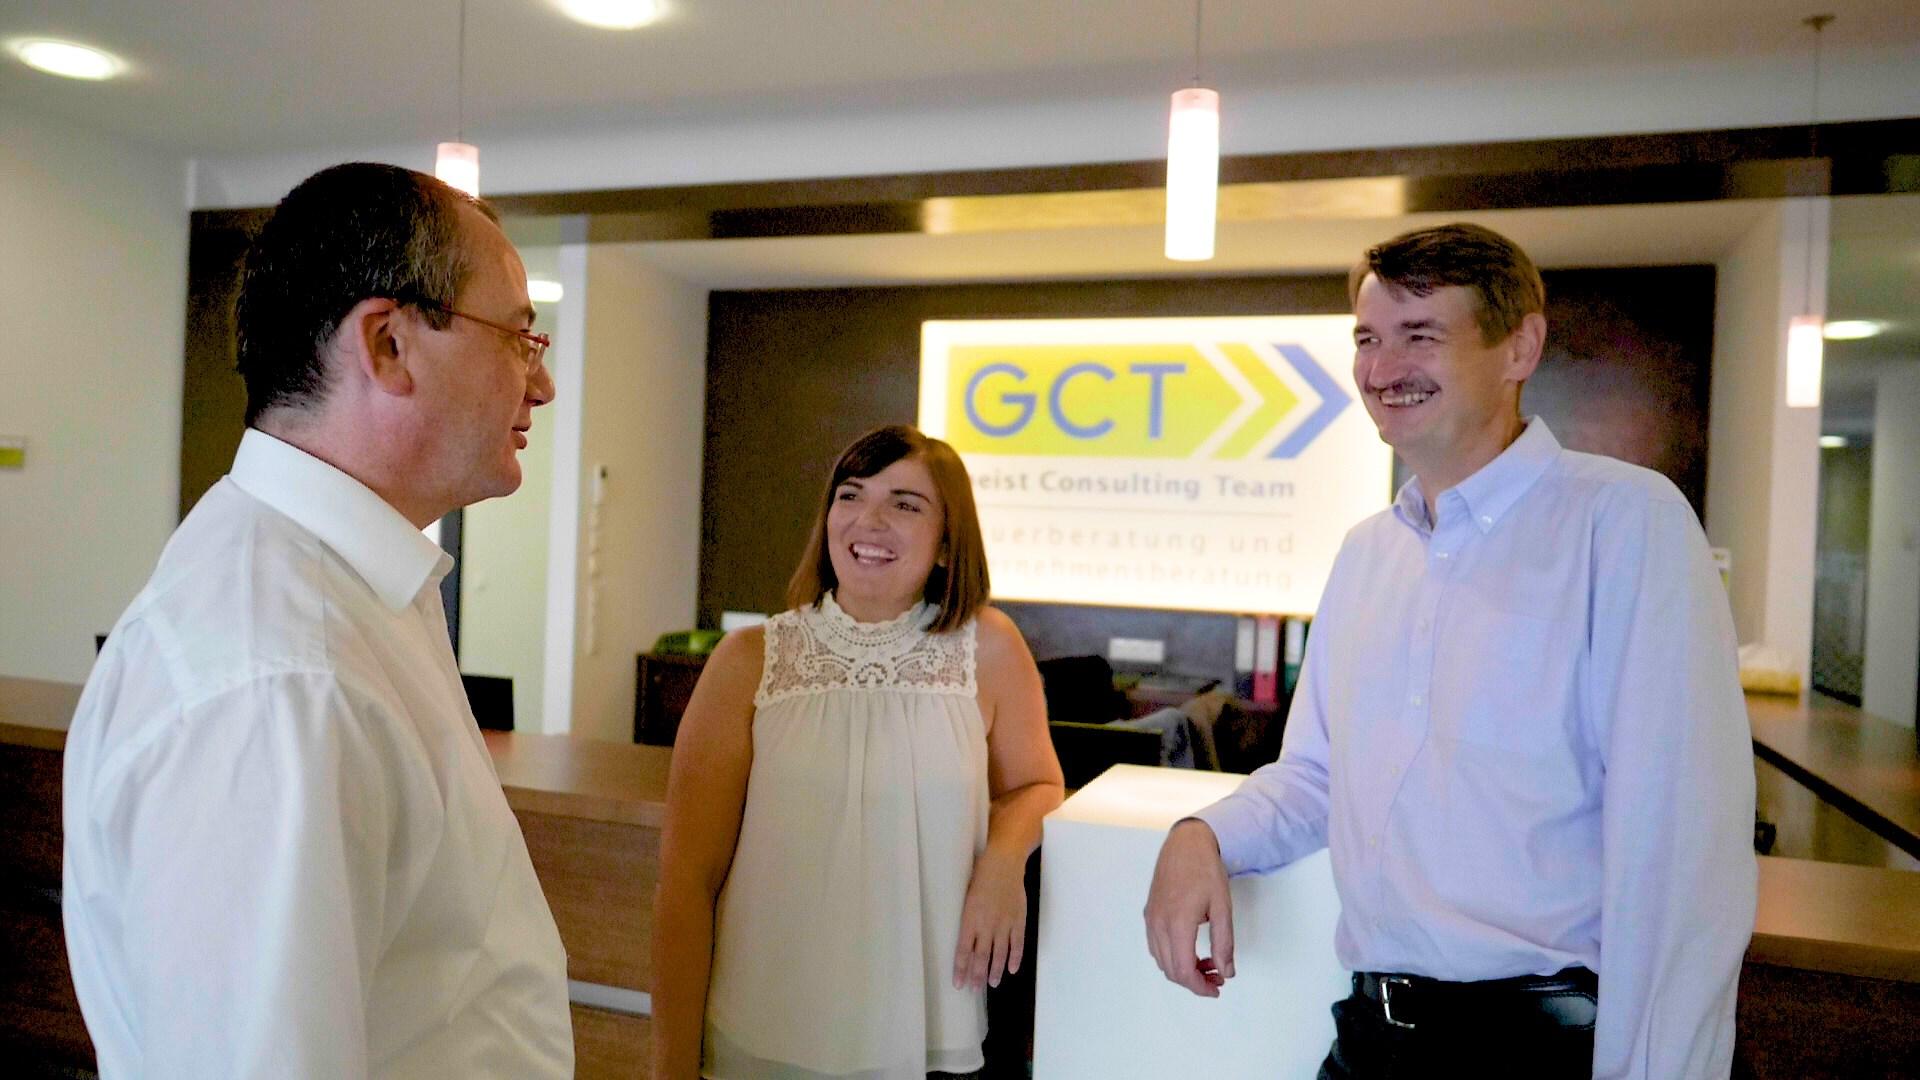 Verstärkung gesucht! GCT erweitert das Team der Personalverrechnung in Neutal und Wiener Neustadt